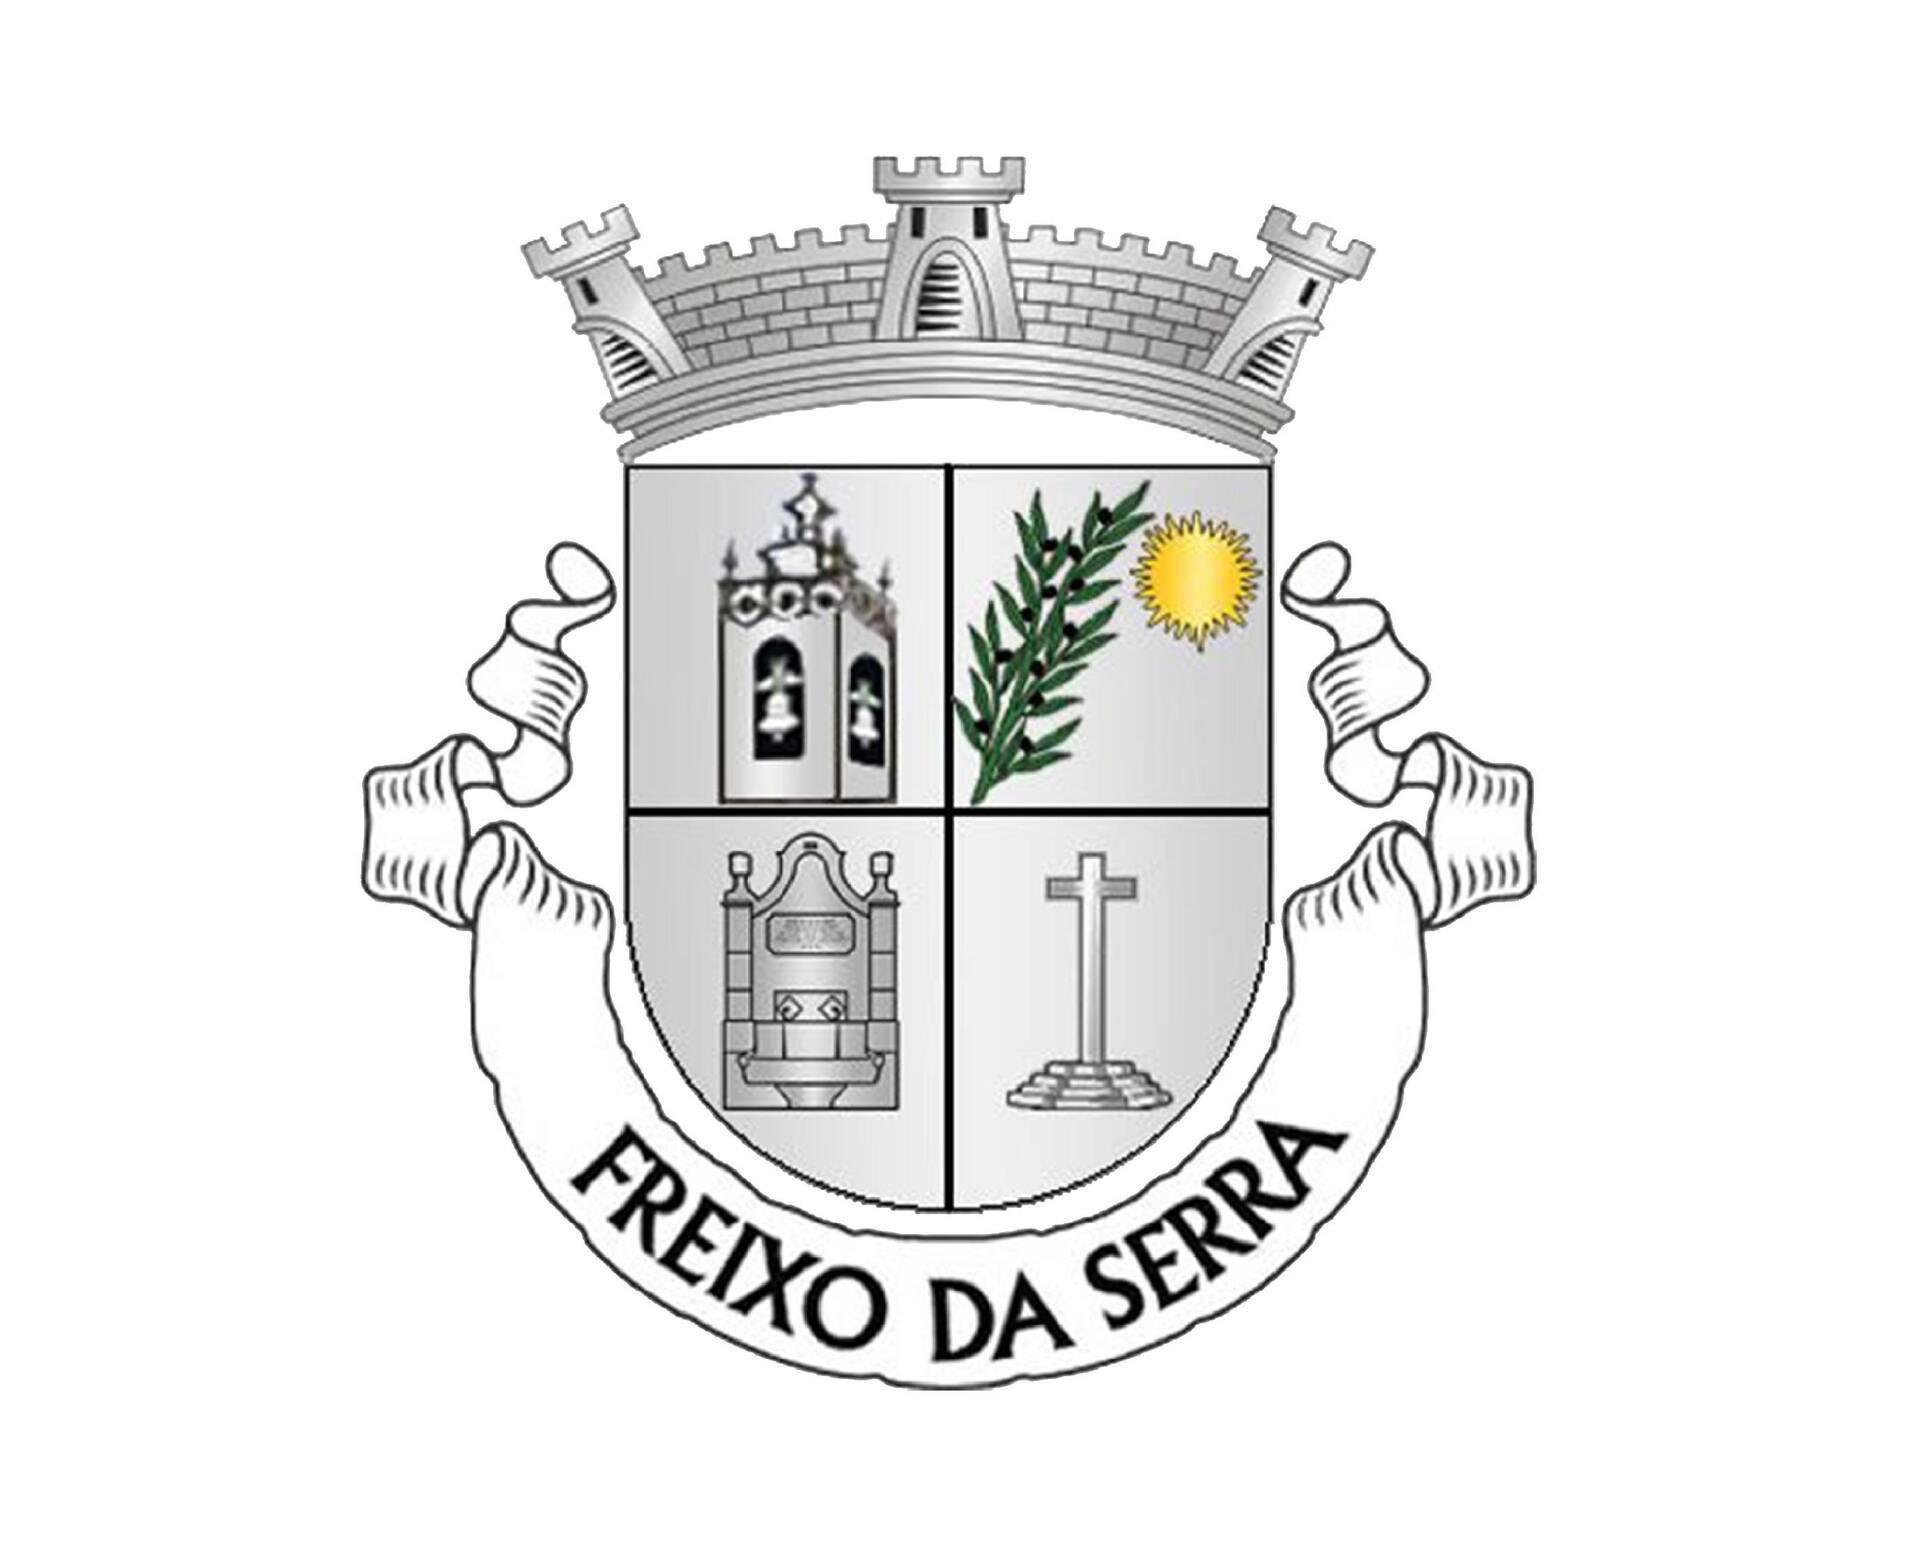 Brasão Freixo da Serra